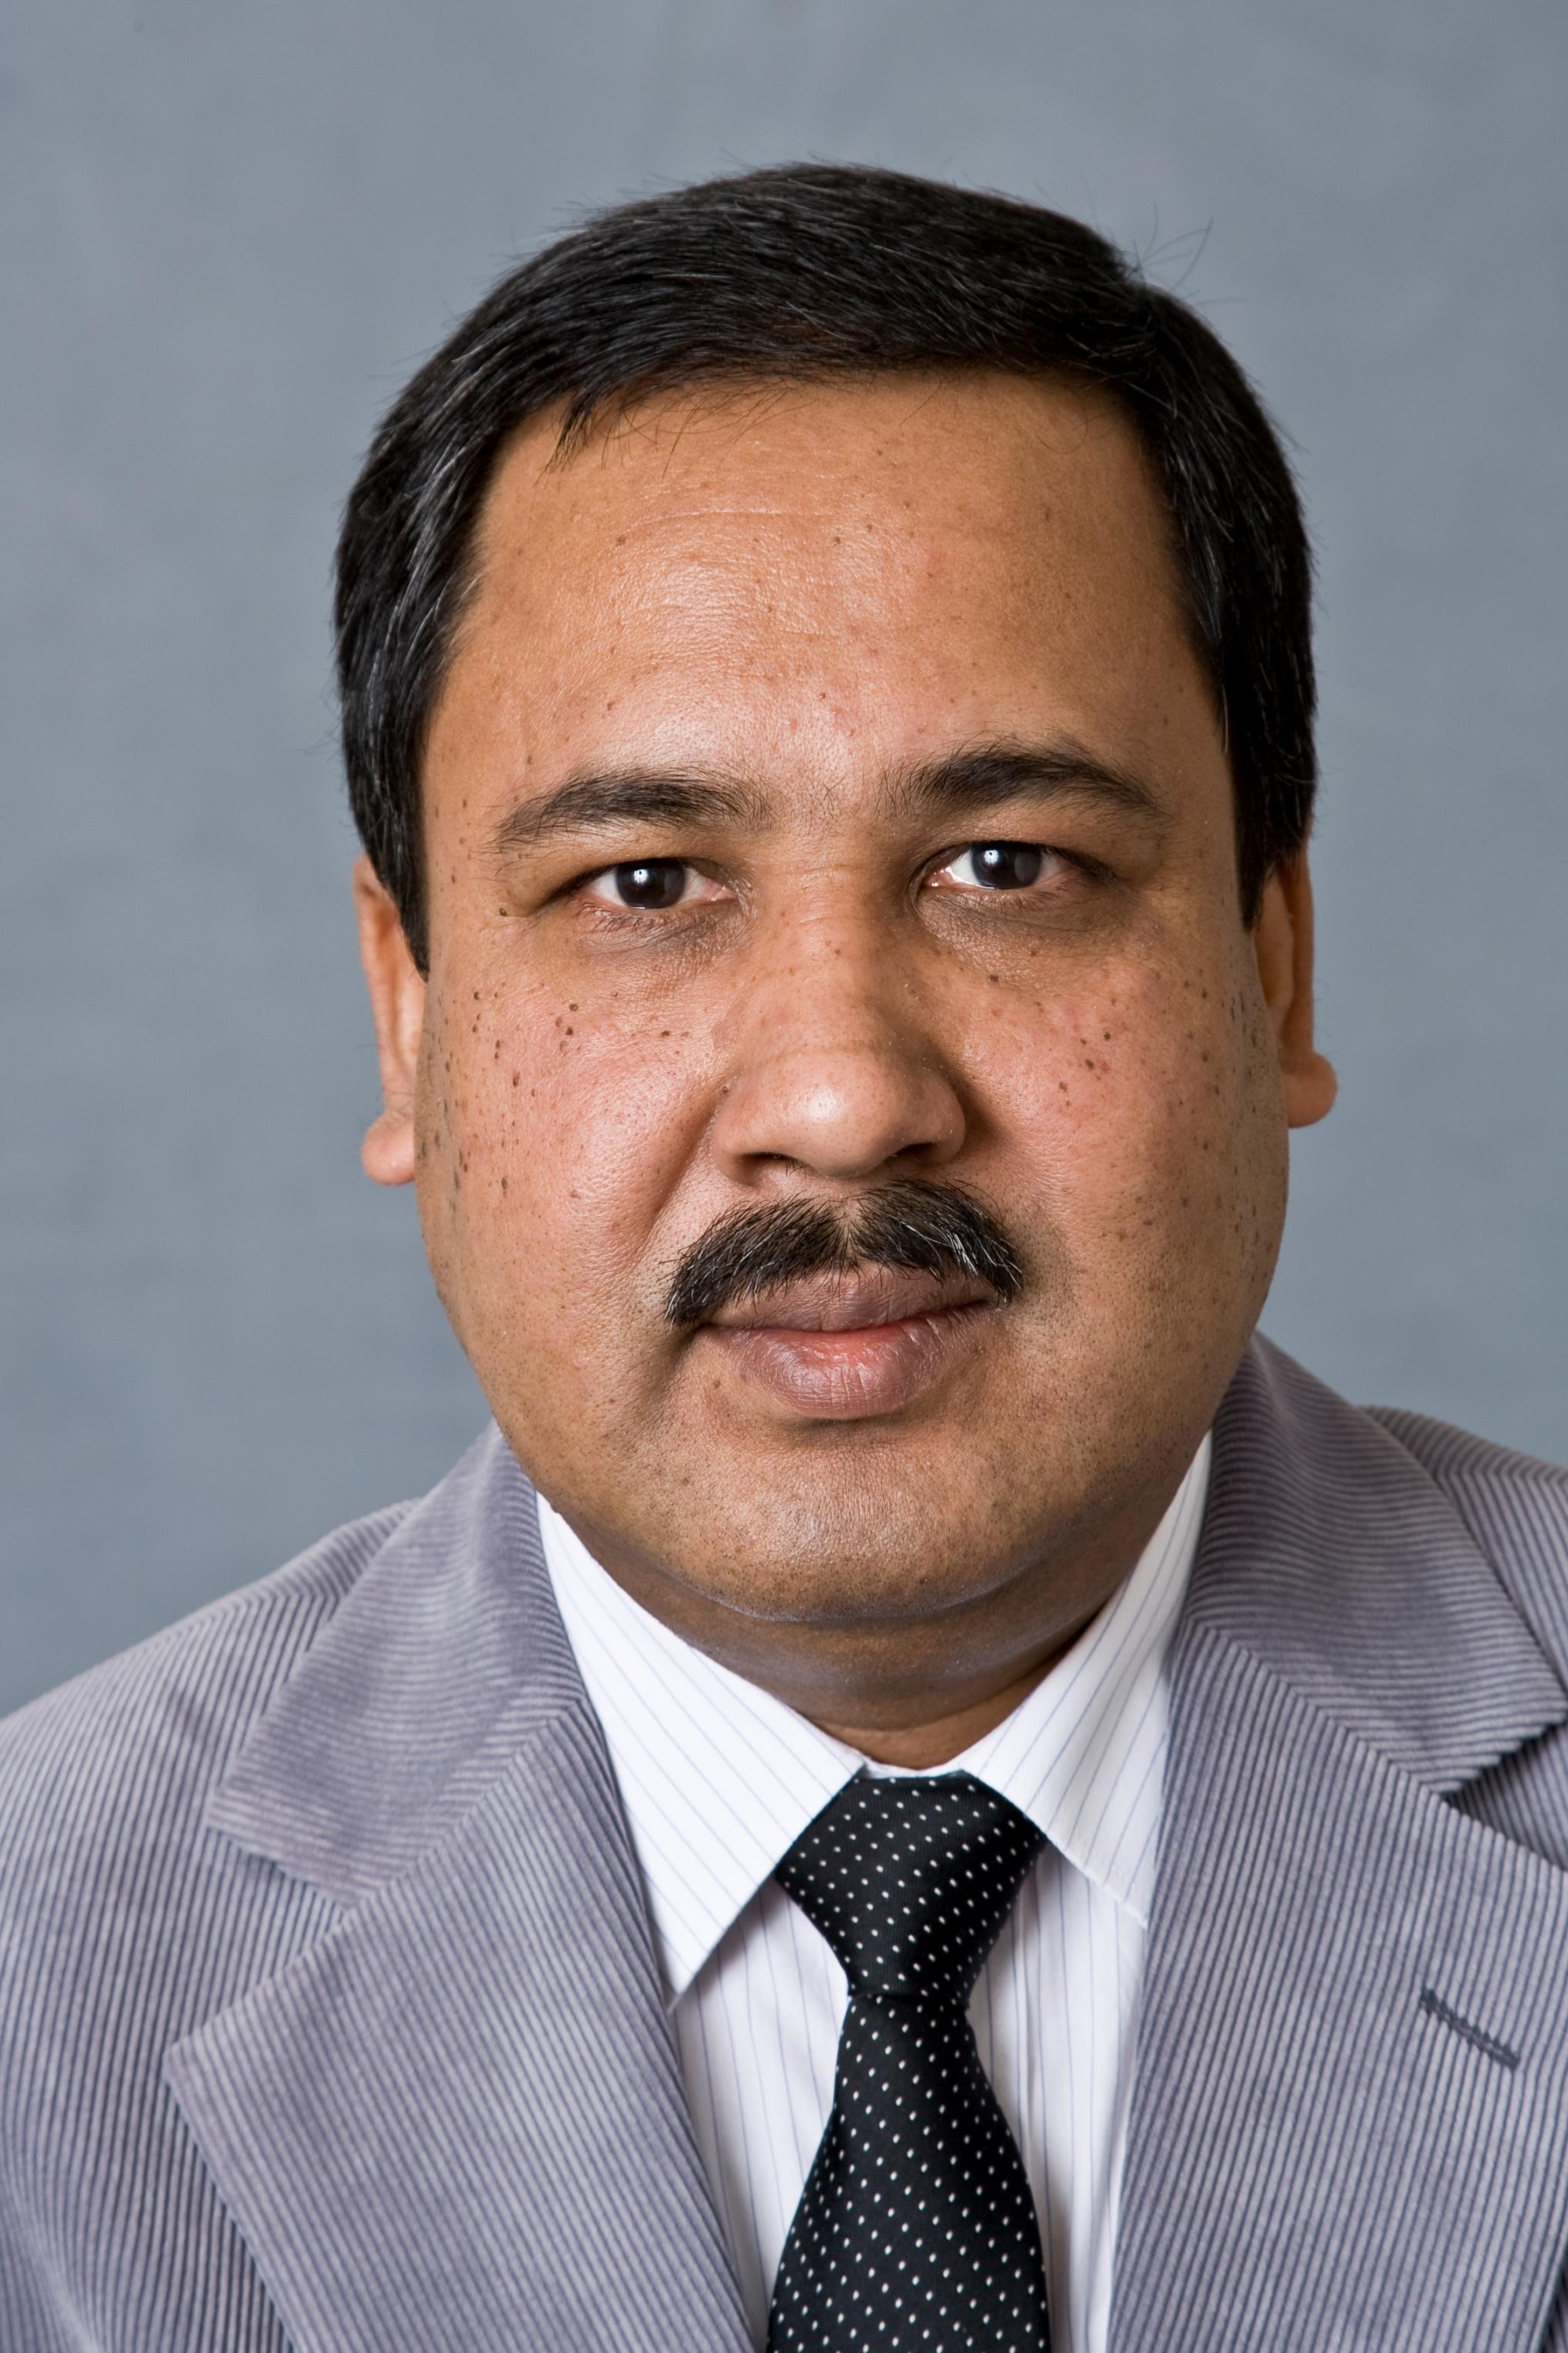 Associate Professor Abdul Sheikh